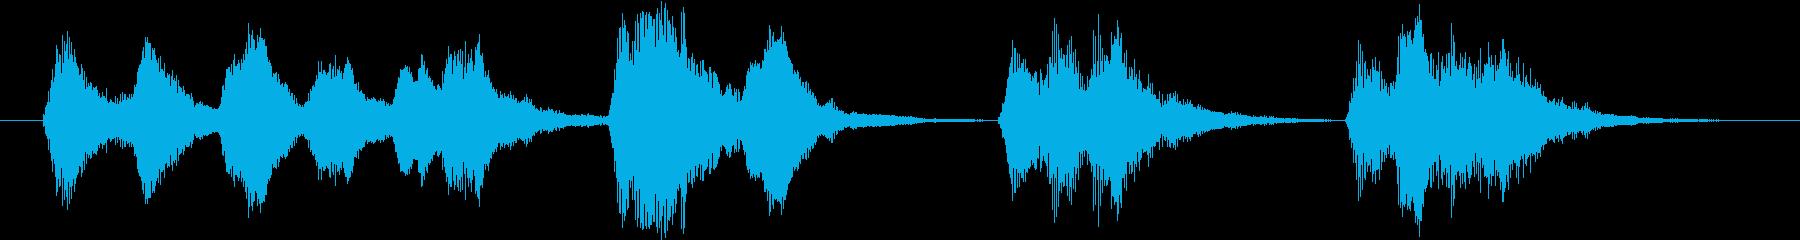 力強い弦楽器のジングル(場面転換)の再生済みの波形